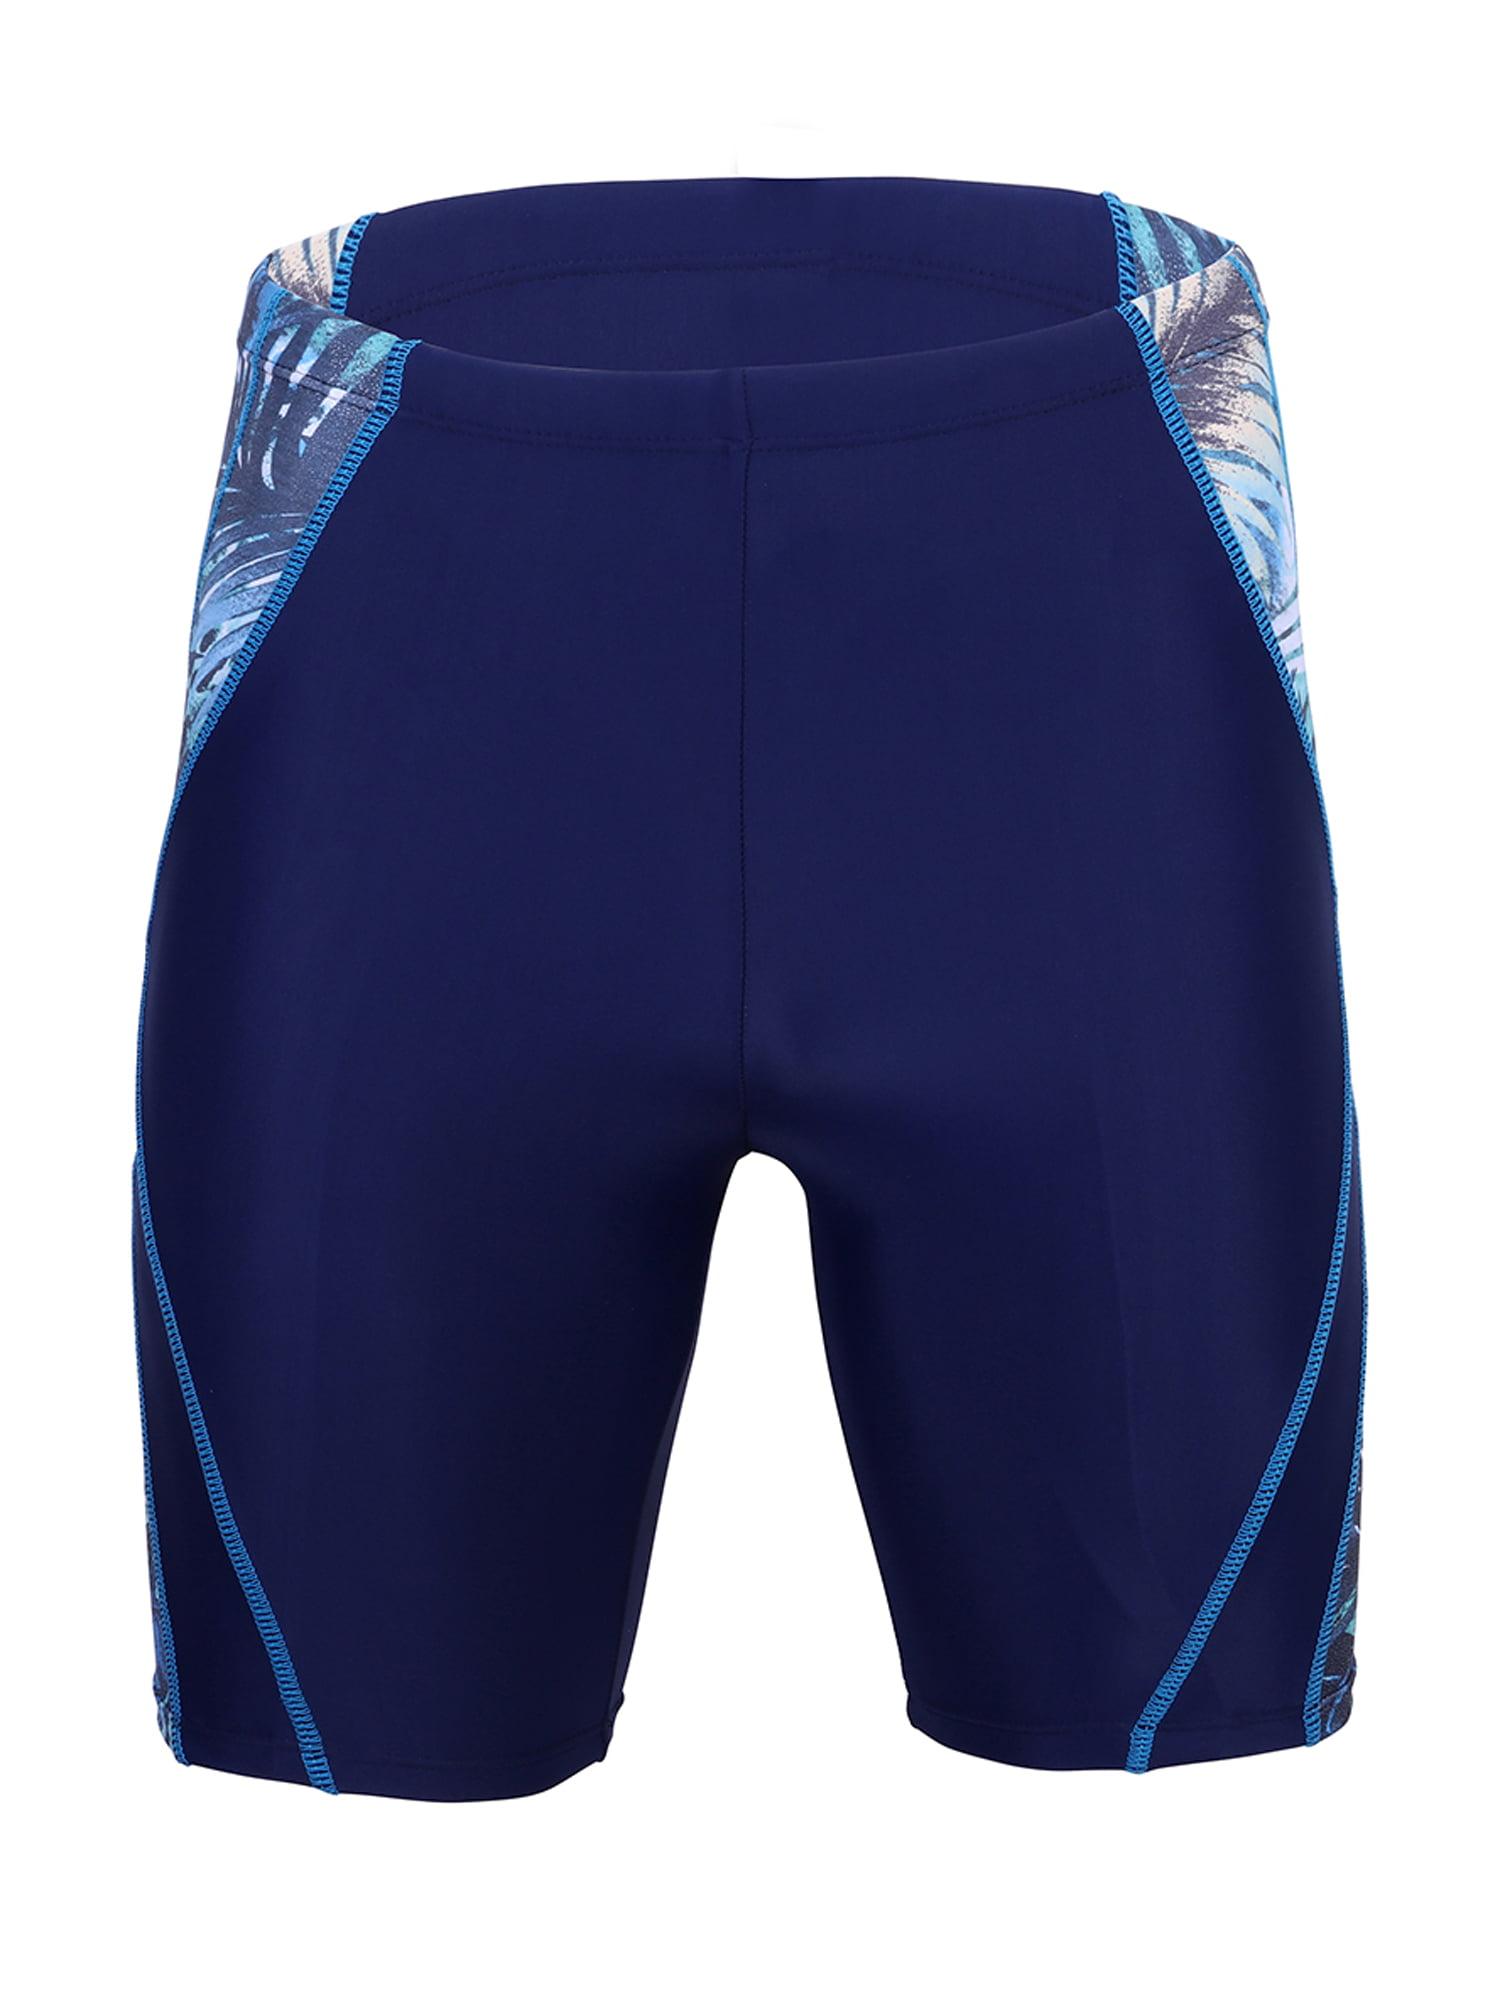 Aimik Mens Swimsuit-Swim Boxer Square Leg Swimsuit Men Swimwear Short Jammer Swim Trunks Boardshorts for Swim Gym Running